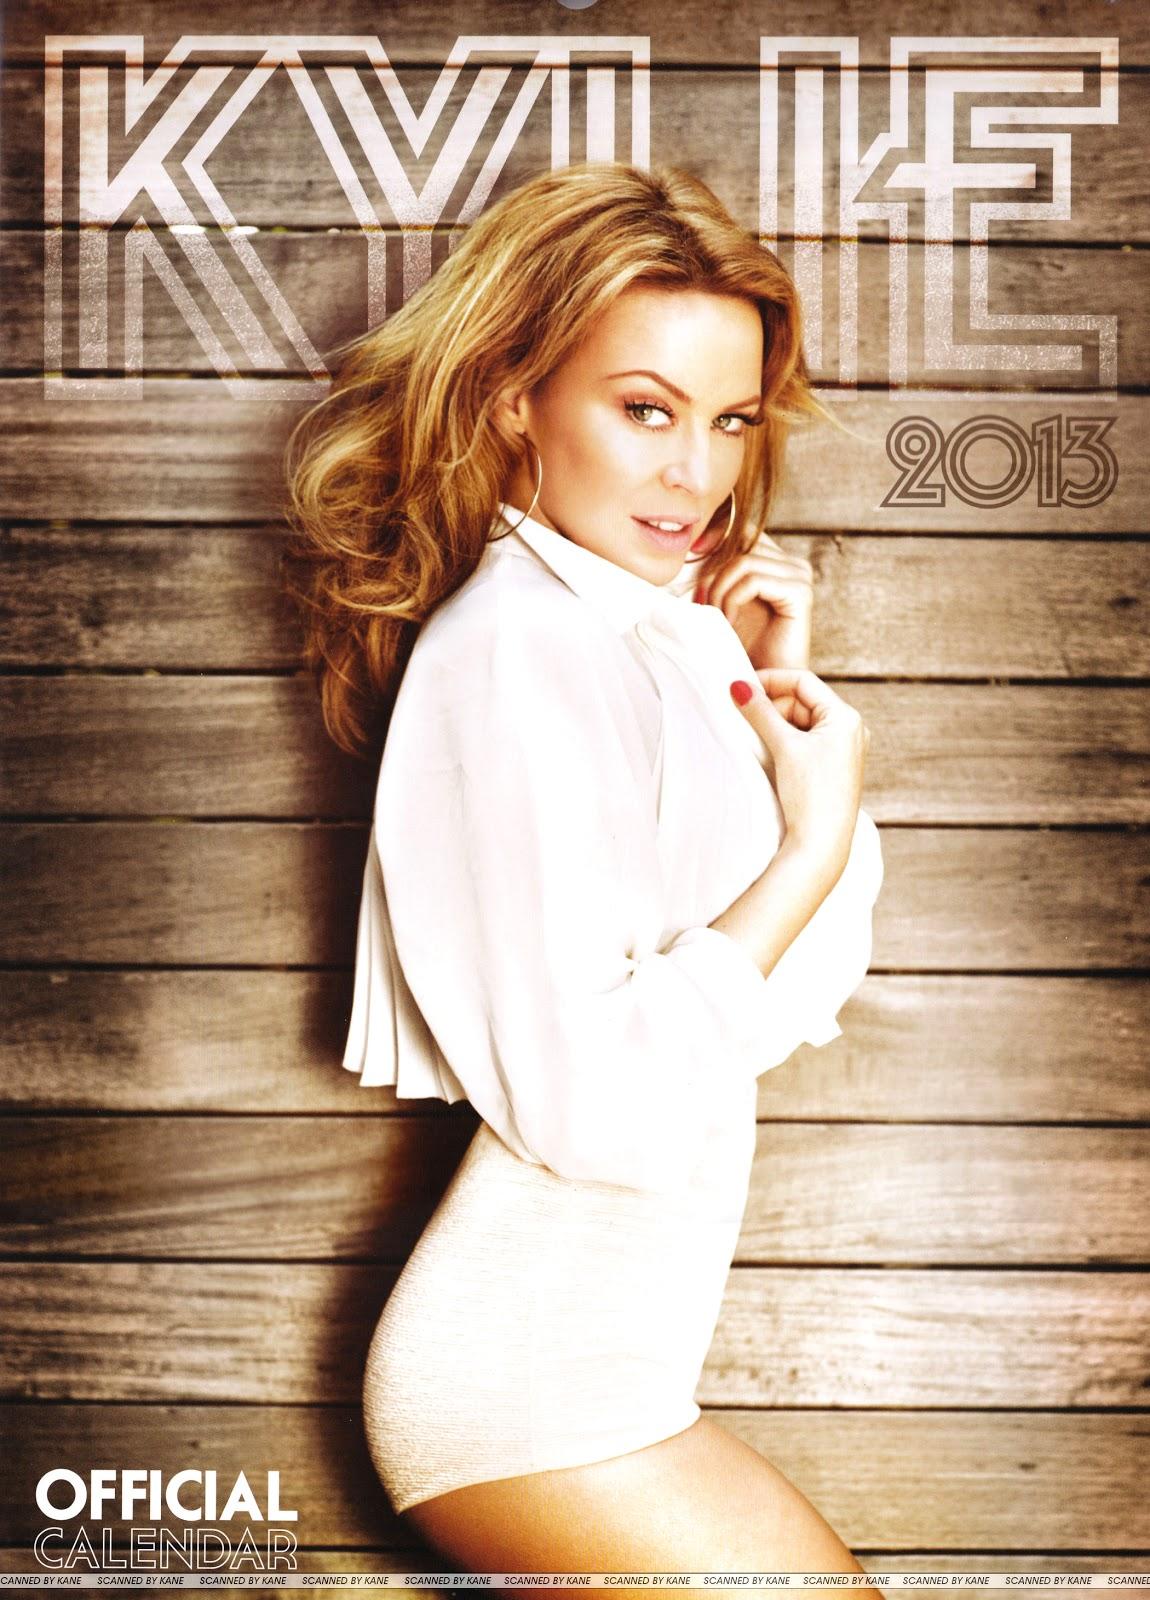 http://4.bp.blogspot.com/-jjkqK97C-zQ/UHv_nXjfToI/AAAAAAAATSo/hRL1IRUTGp8/s1600/Kylie+Minogue+-+Official+2013+Calendar+-01.jpg